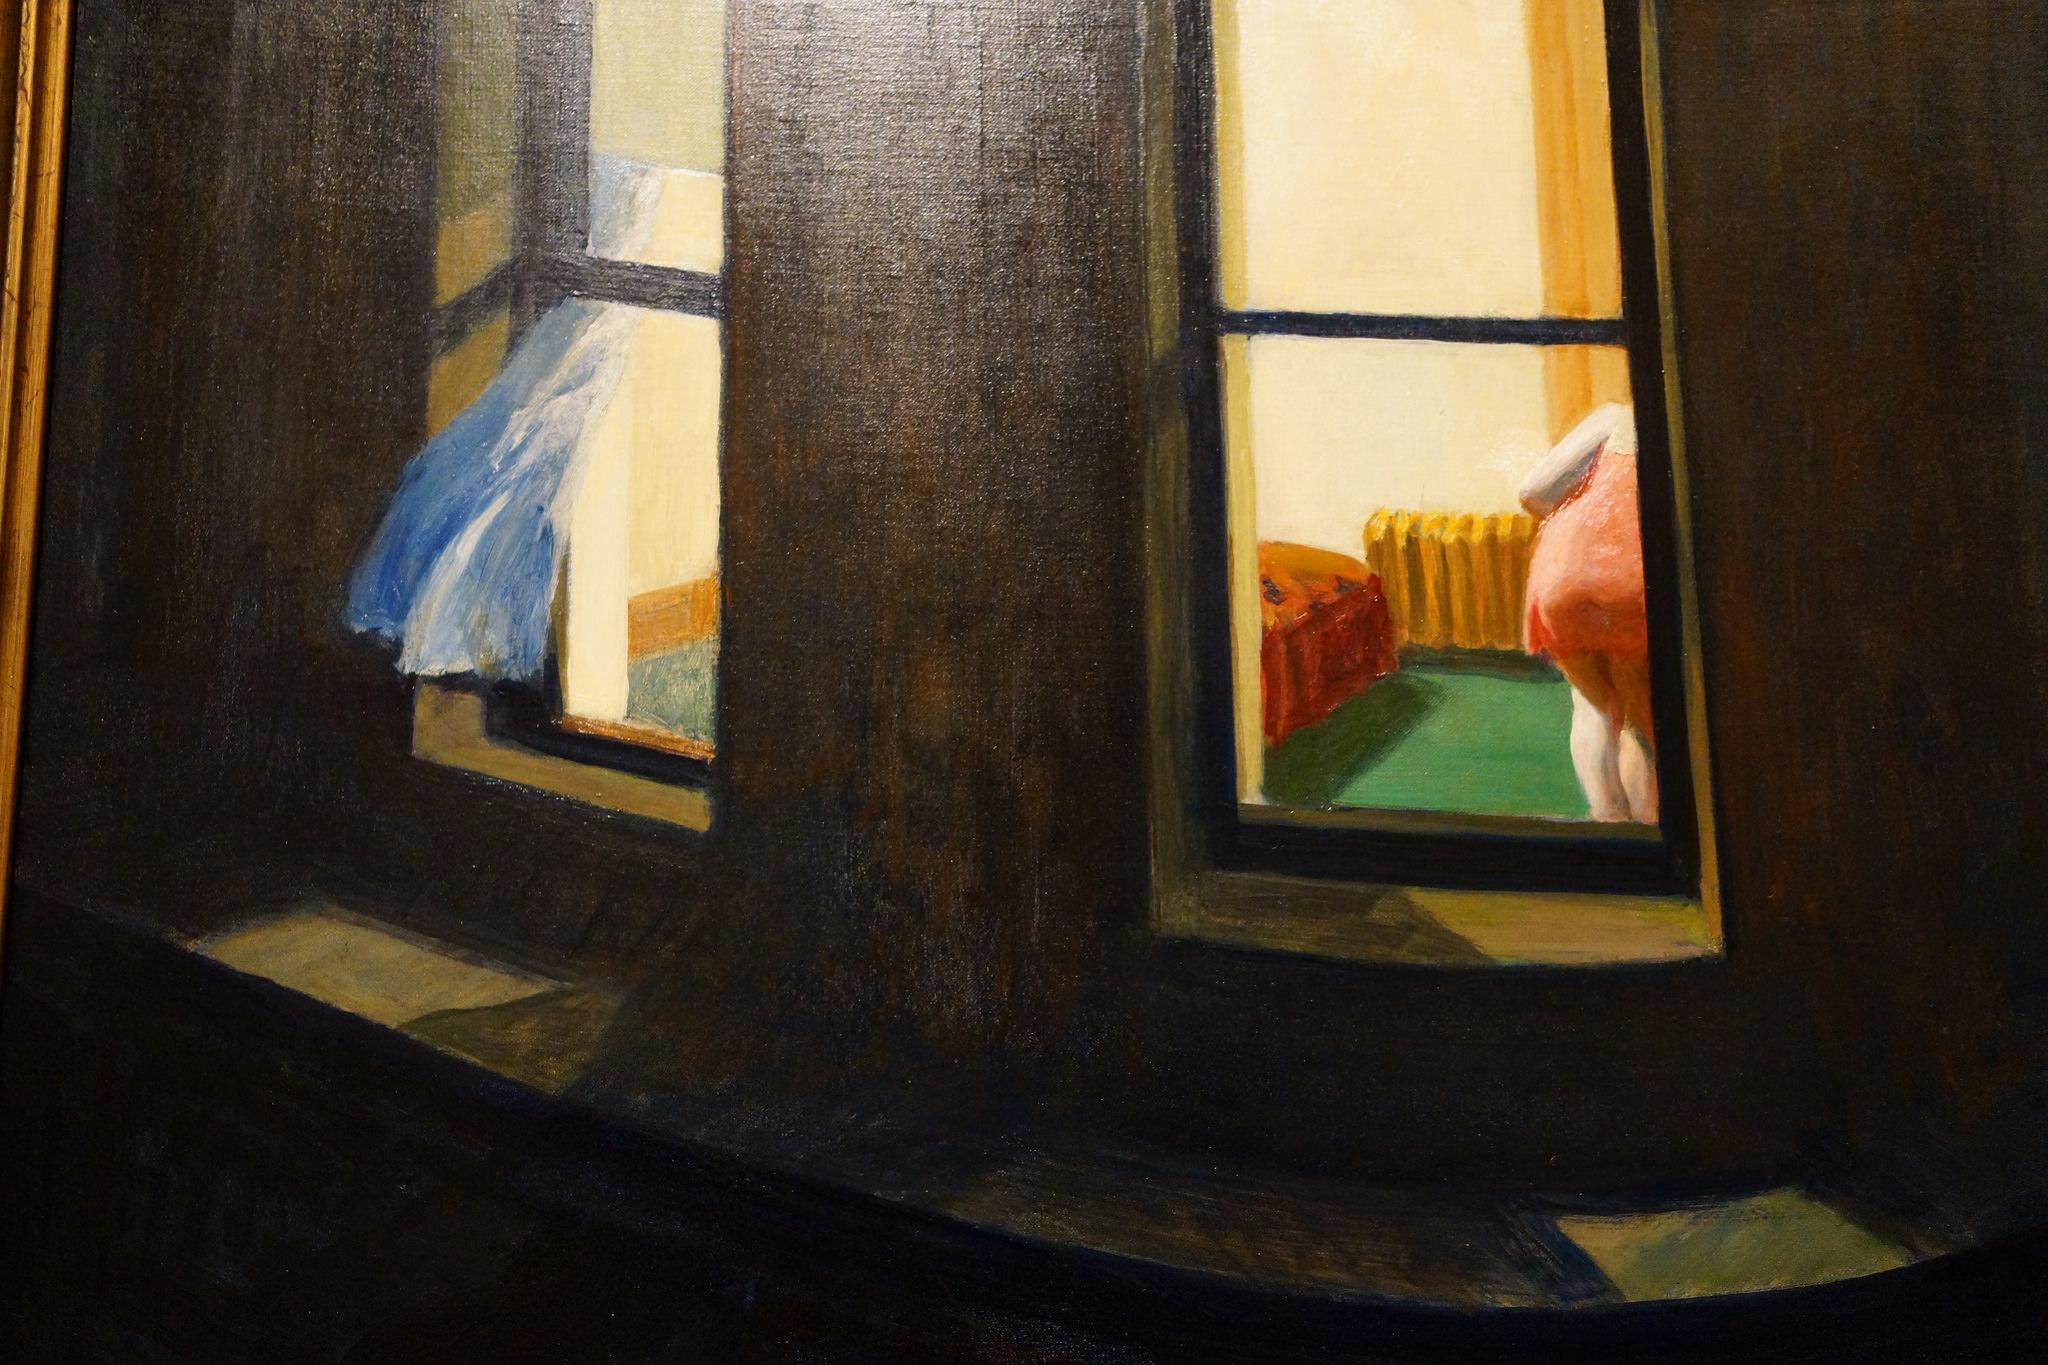 نوافذ الليل، إدوارد هوبر